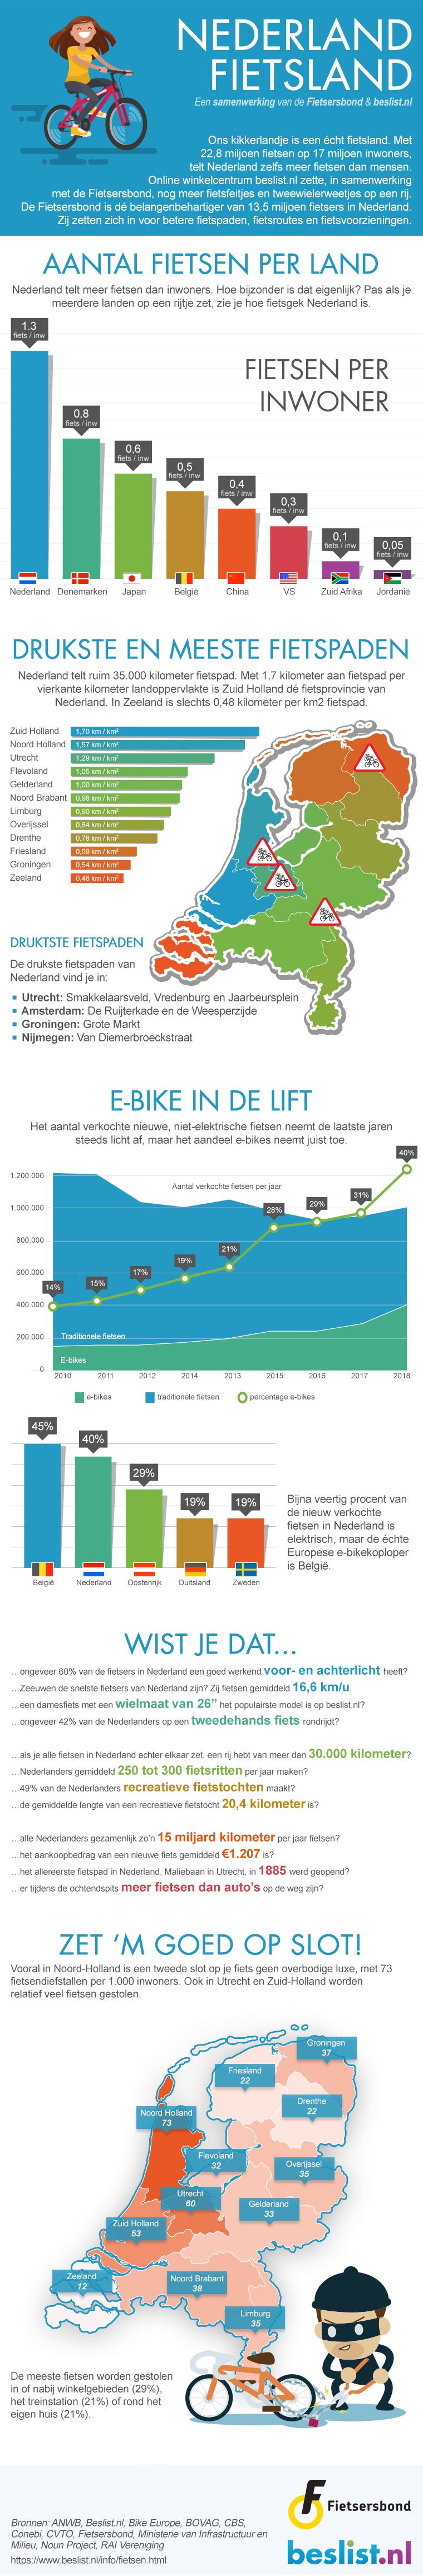 Infographic fietsen 2019